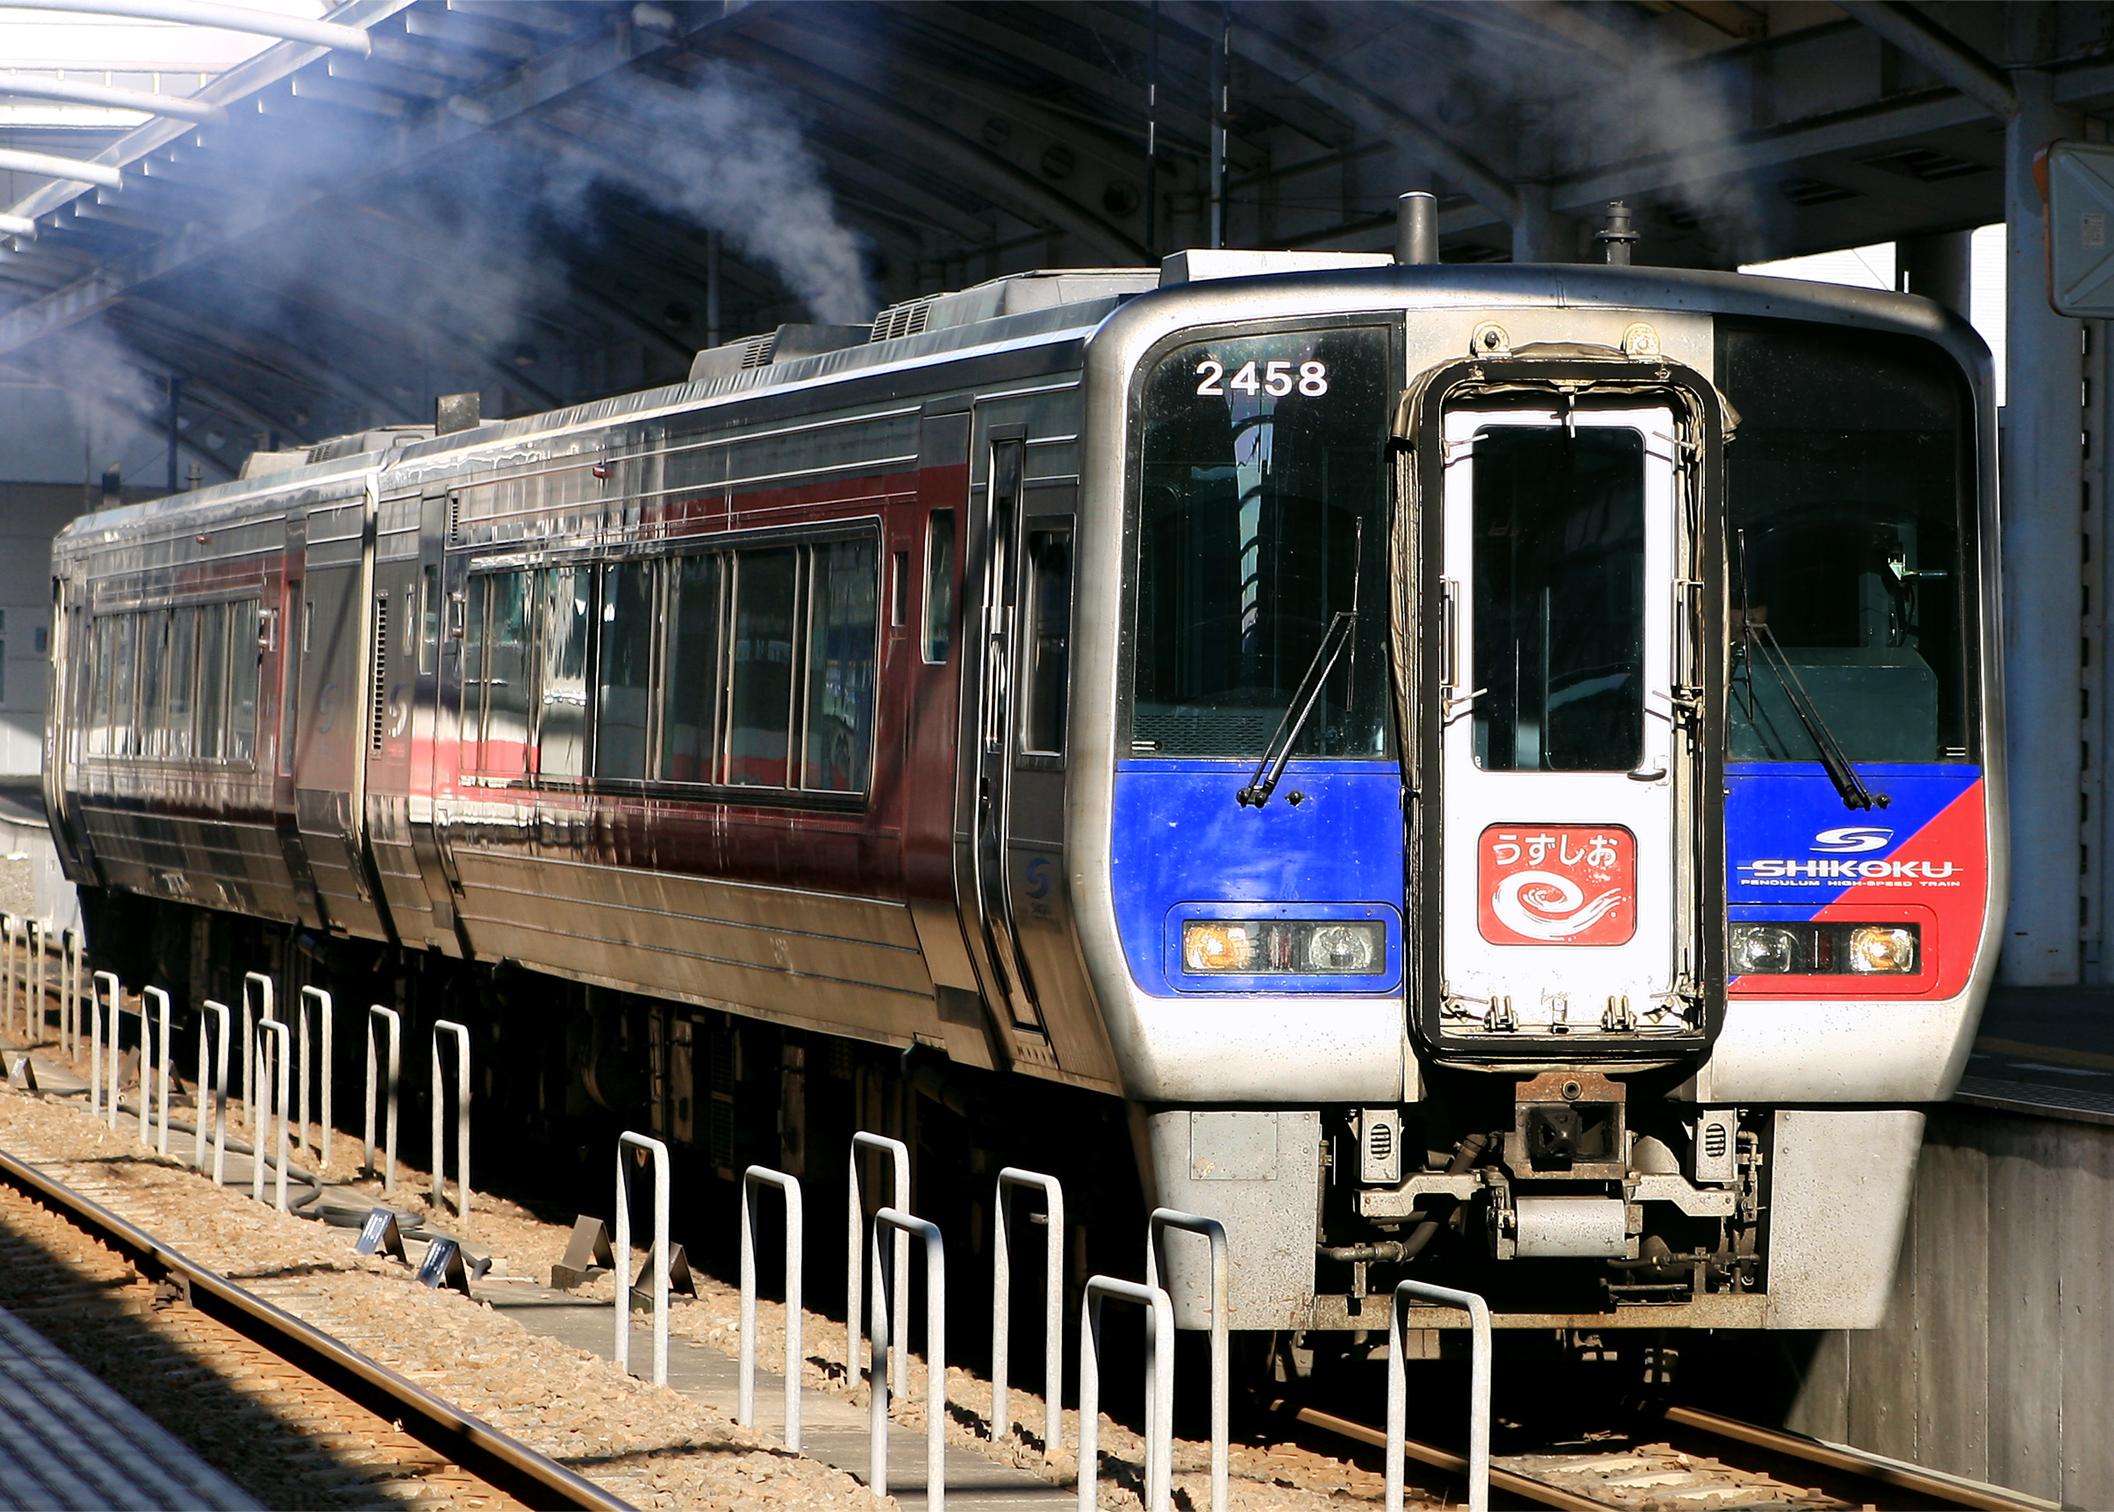 File:N2000系試作車(2458).JPG